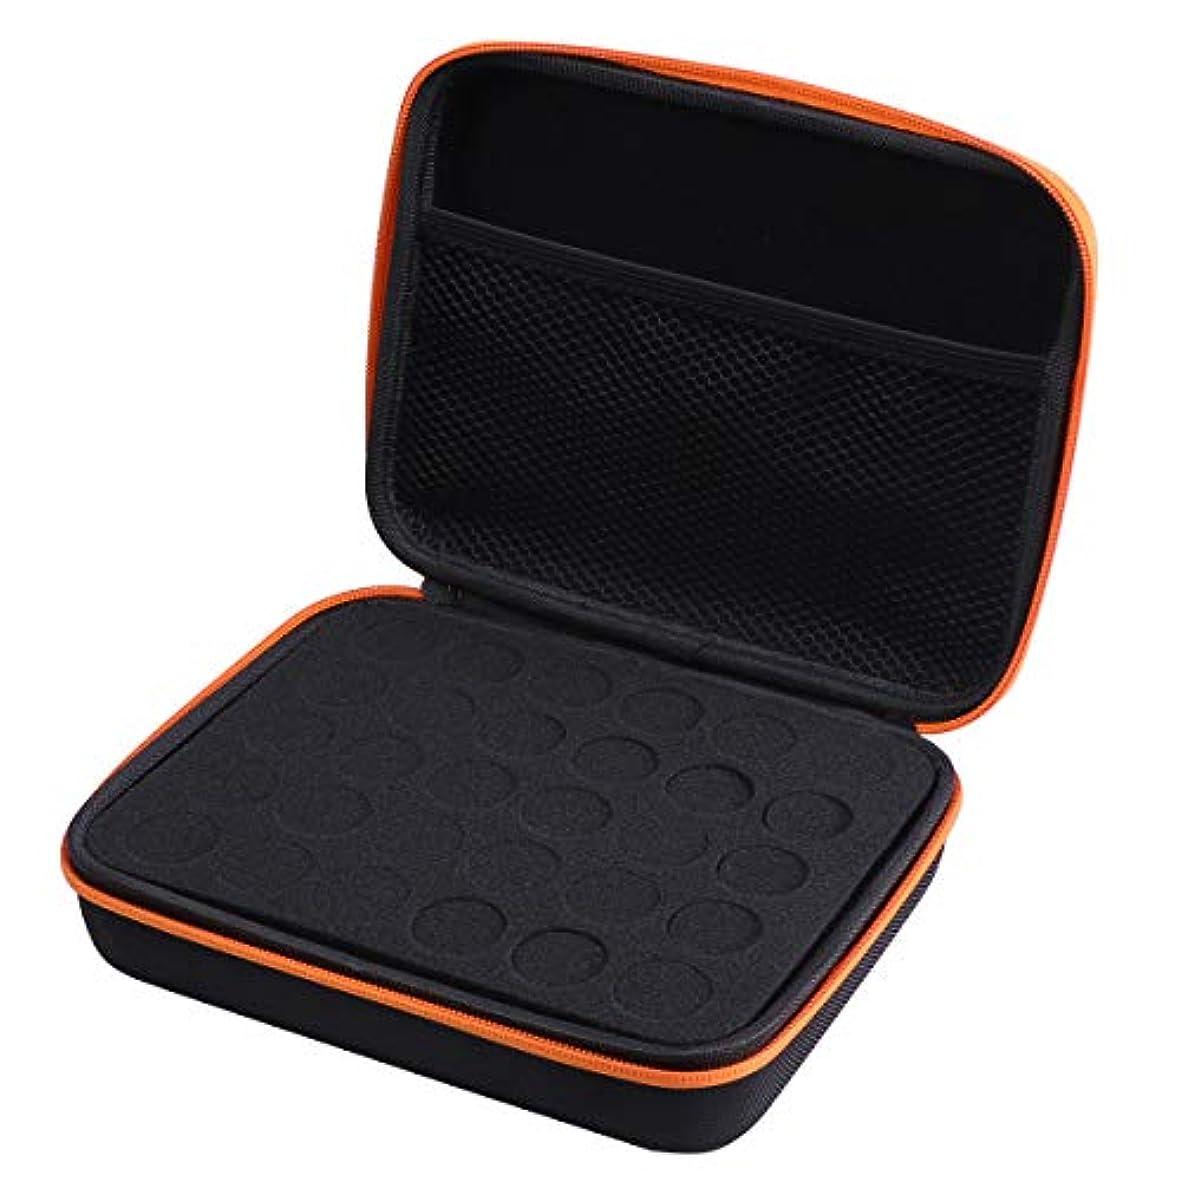 ロバレシピ現金Frcolor エッセンシャルオイル ケース 携帯用 アロマポーチ アロマケース メイクポーチ 精油ケース 30本用(オレンジ)